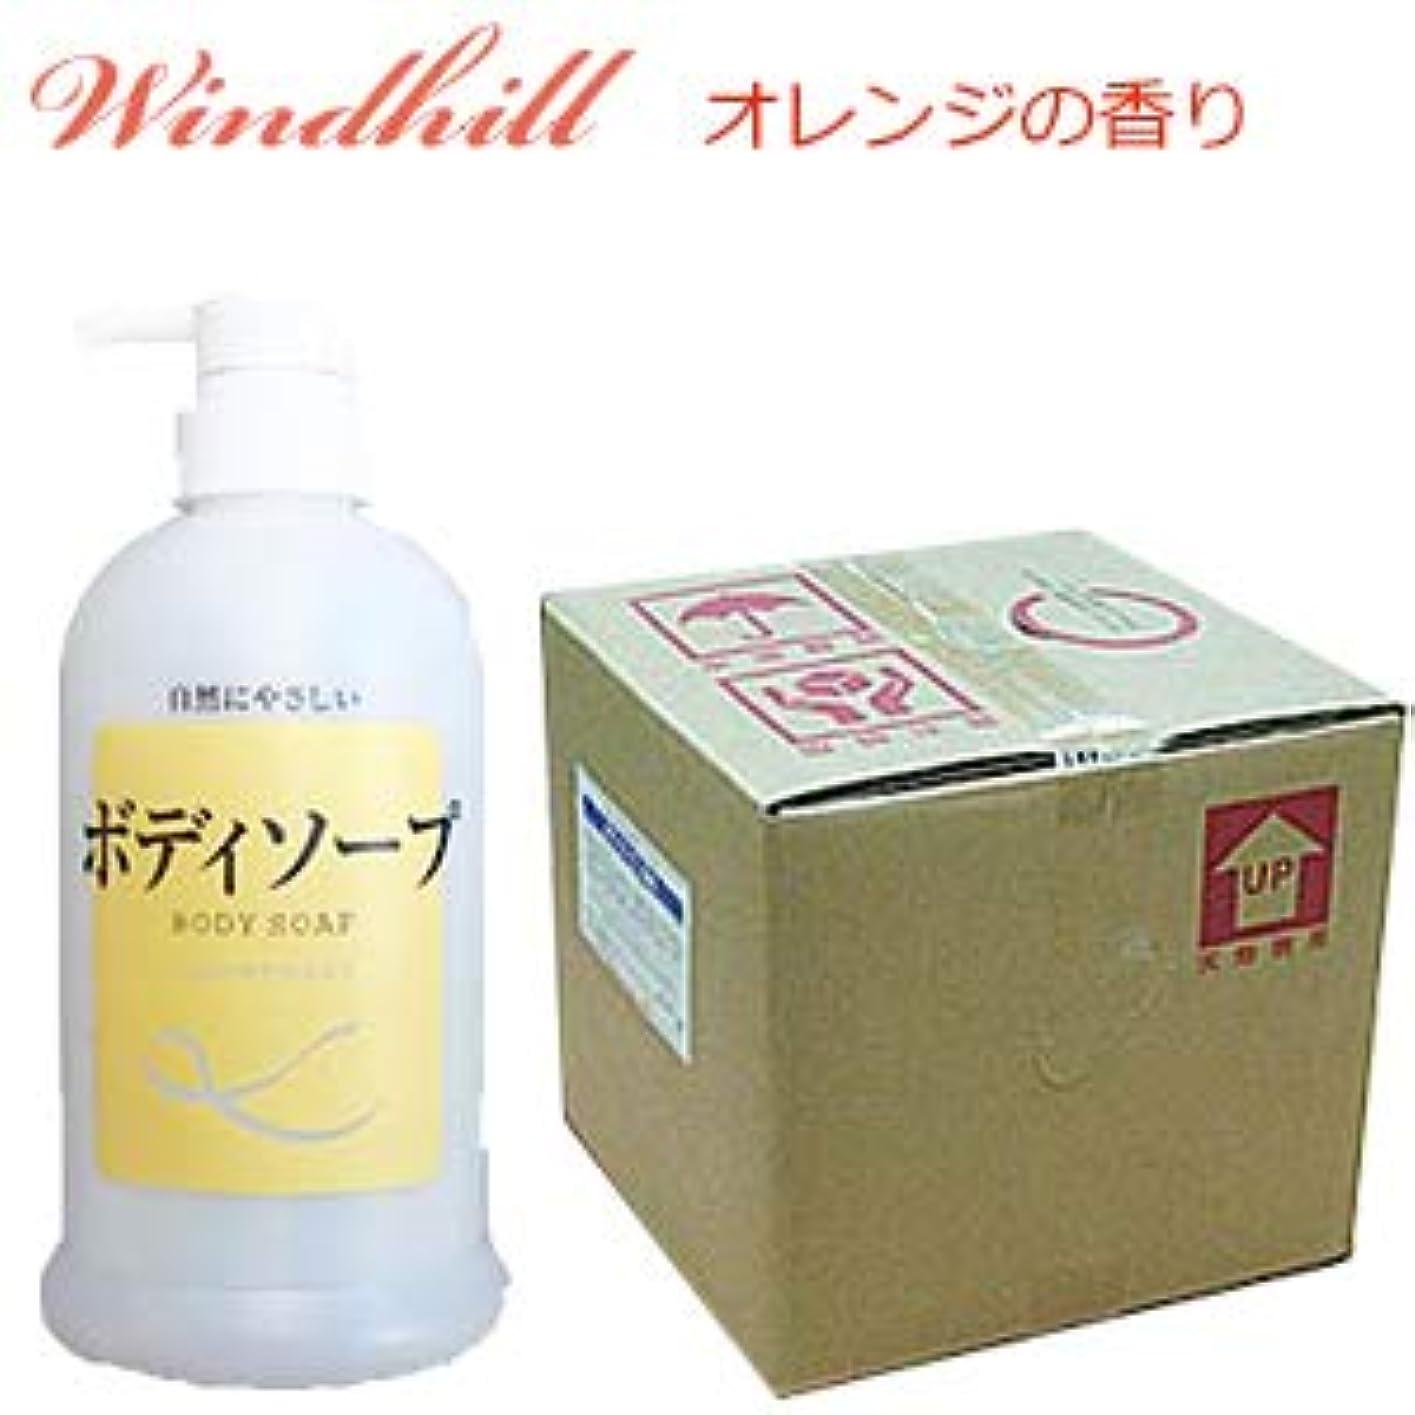 電報強いますダンプWindhill 植物性 業務用ボディソープオレンジの香り 20L(1セット20L入)